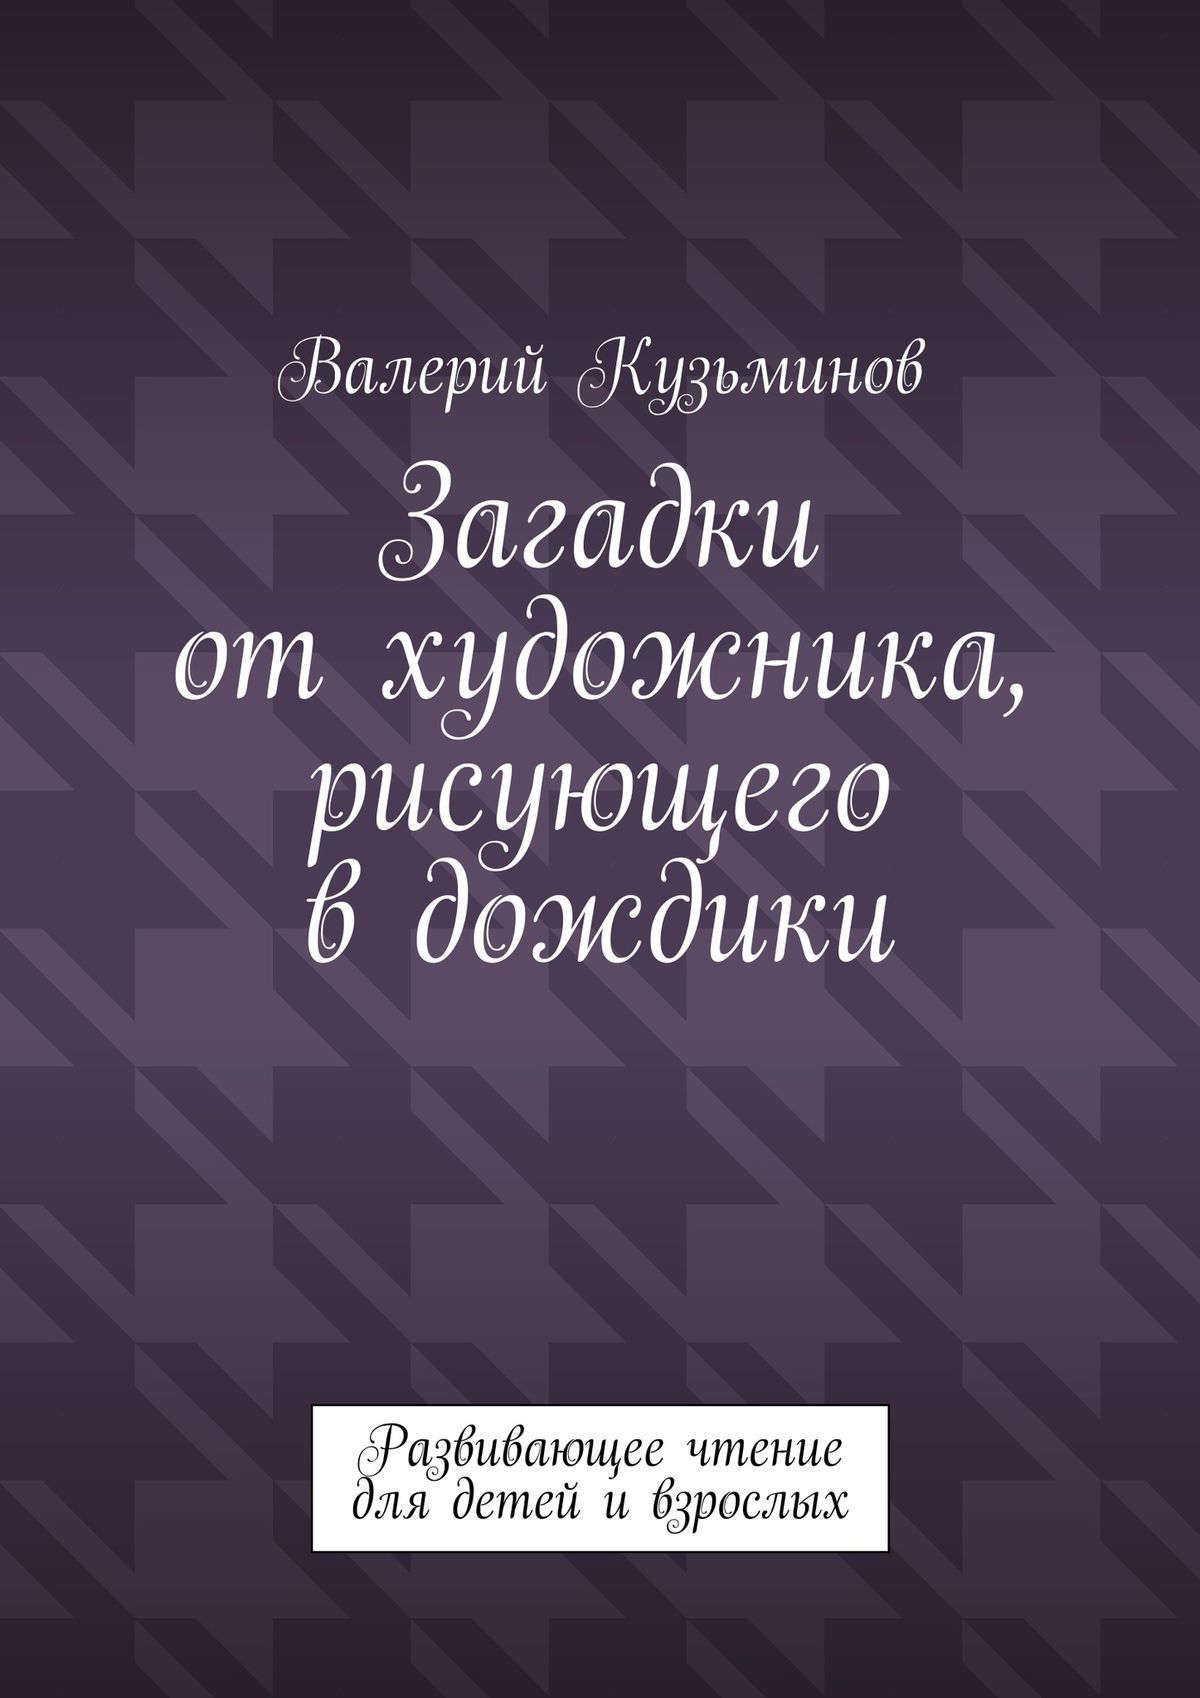 Валерий Кузьминов Загадки отхудожника, рисующего вдождики. Развивающее чтение длядетей ивзрослых